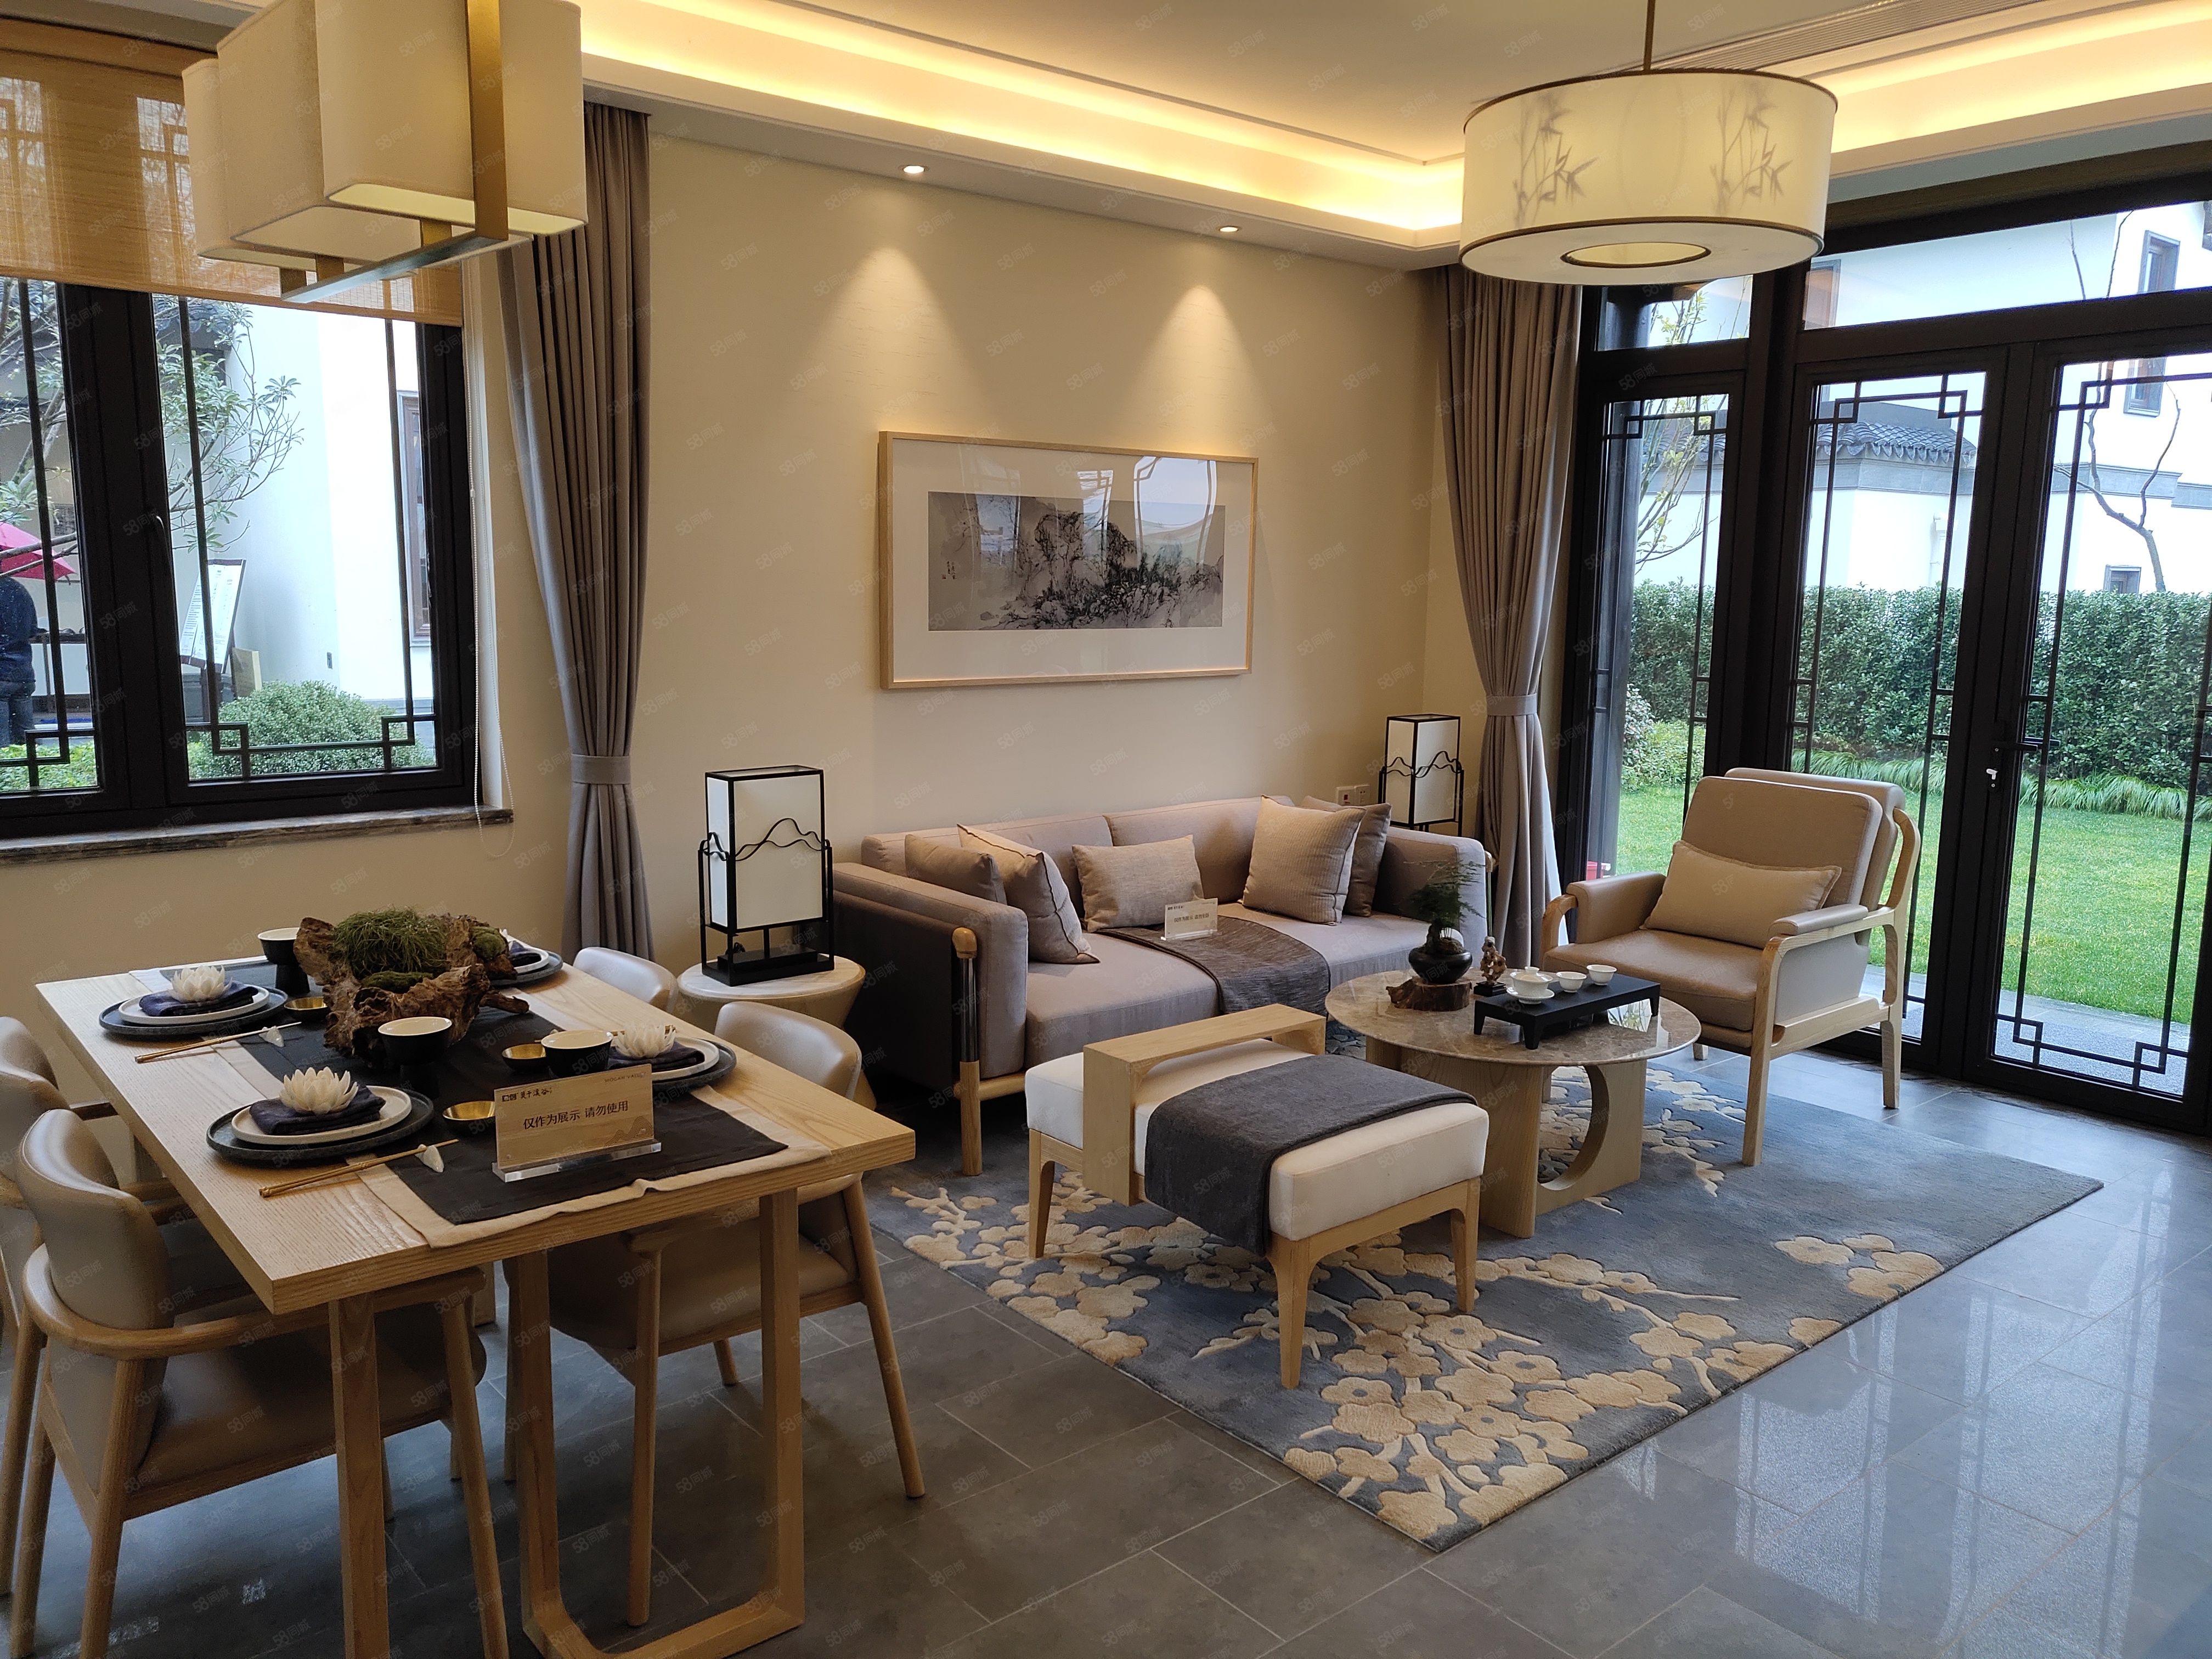 融创莫干溪谷,开发商内部保留房,纯中式独栋别墅,花园200平